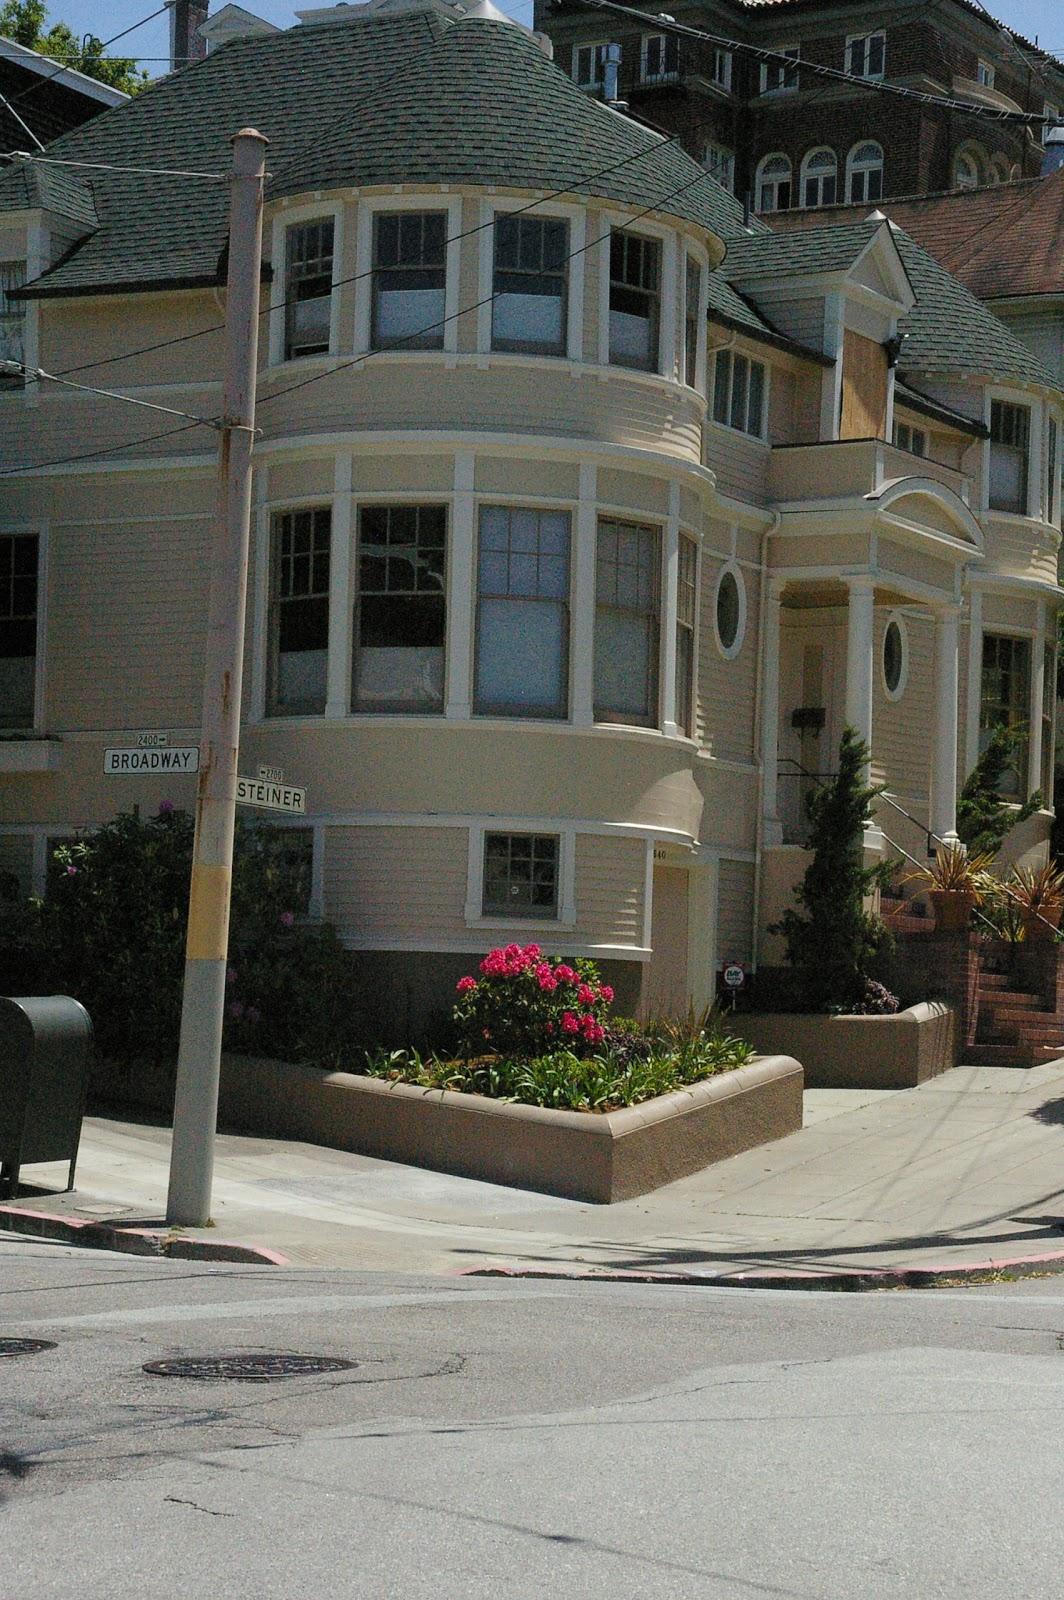 Address 2640 steiner street san francisco california usa for 2640 steiner street